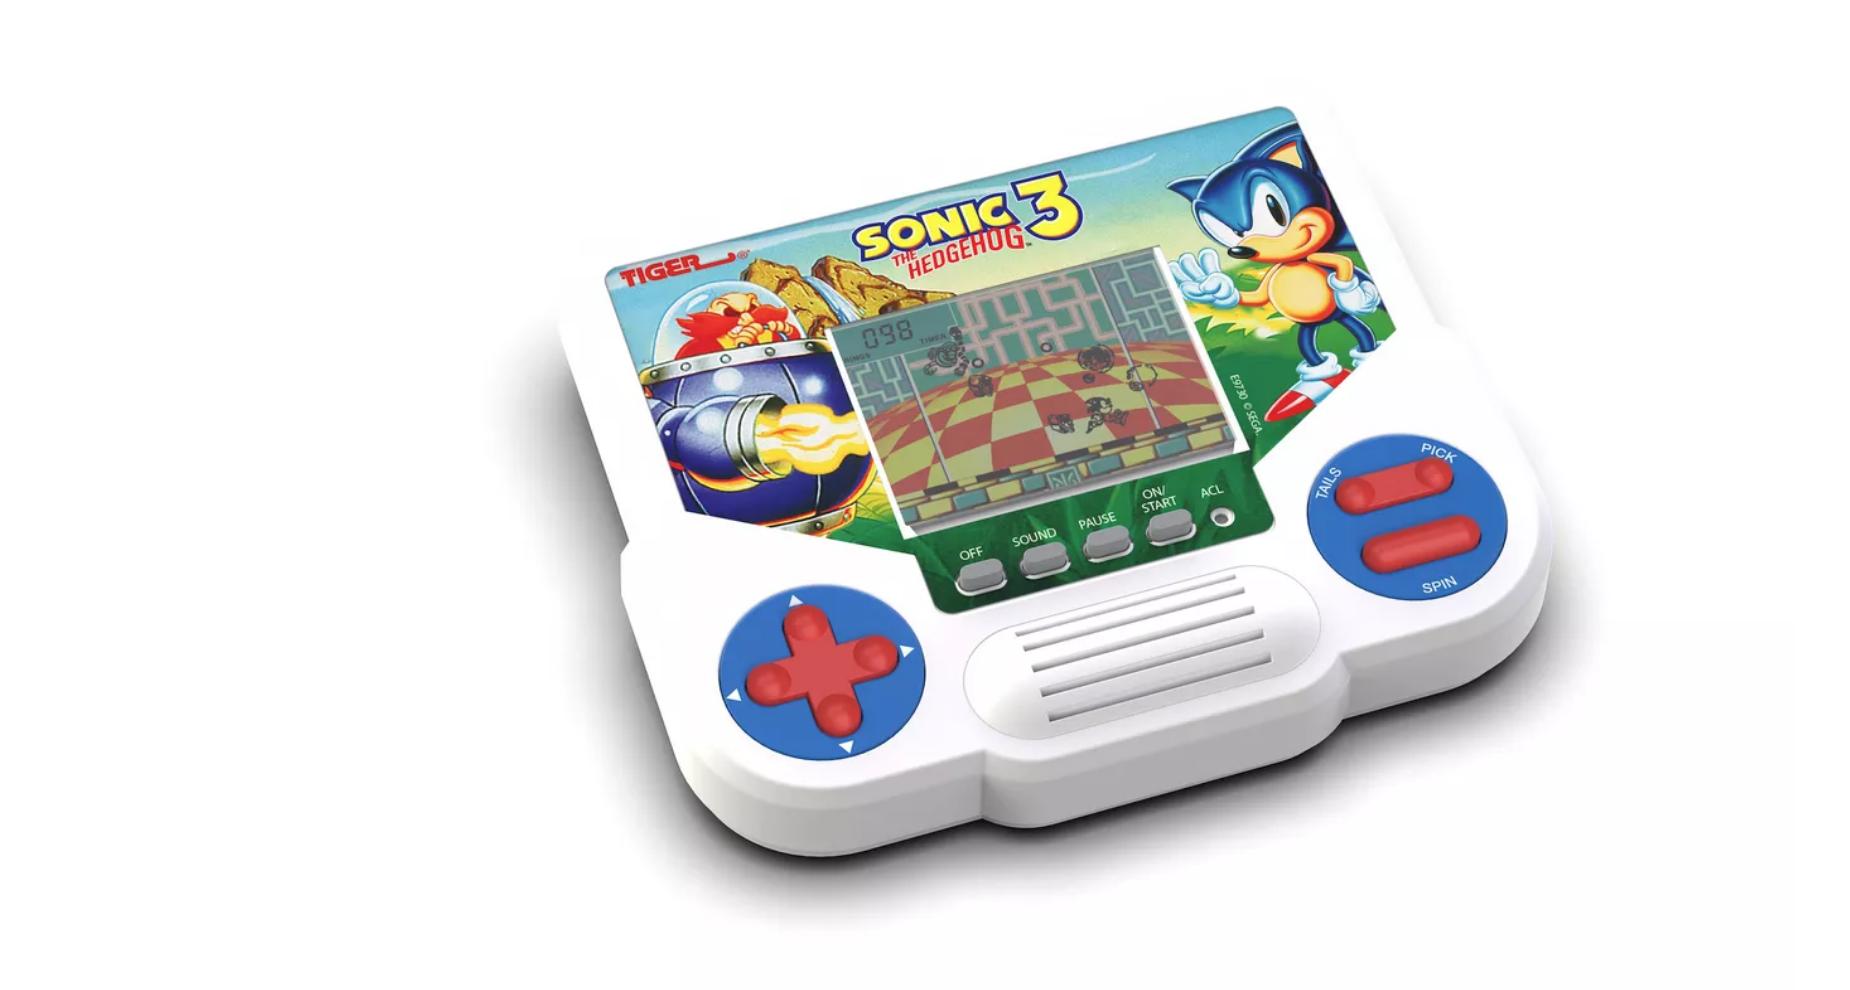 Il ritorno del retrogaming con Hasbro, Sonic e i Transformers thumbnail